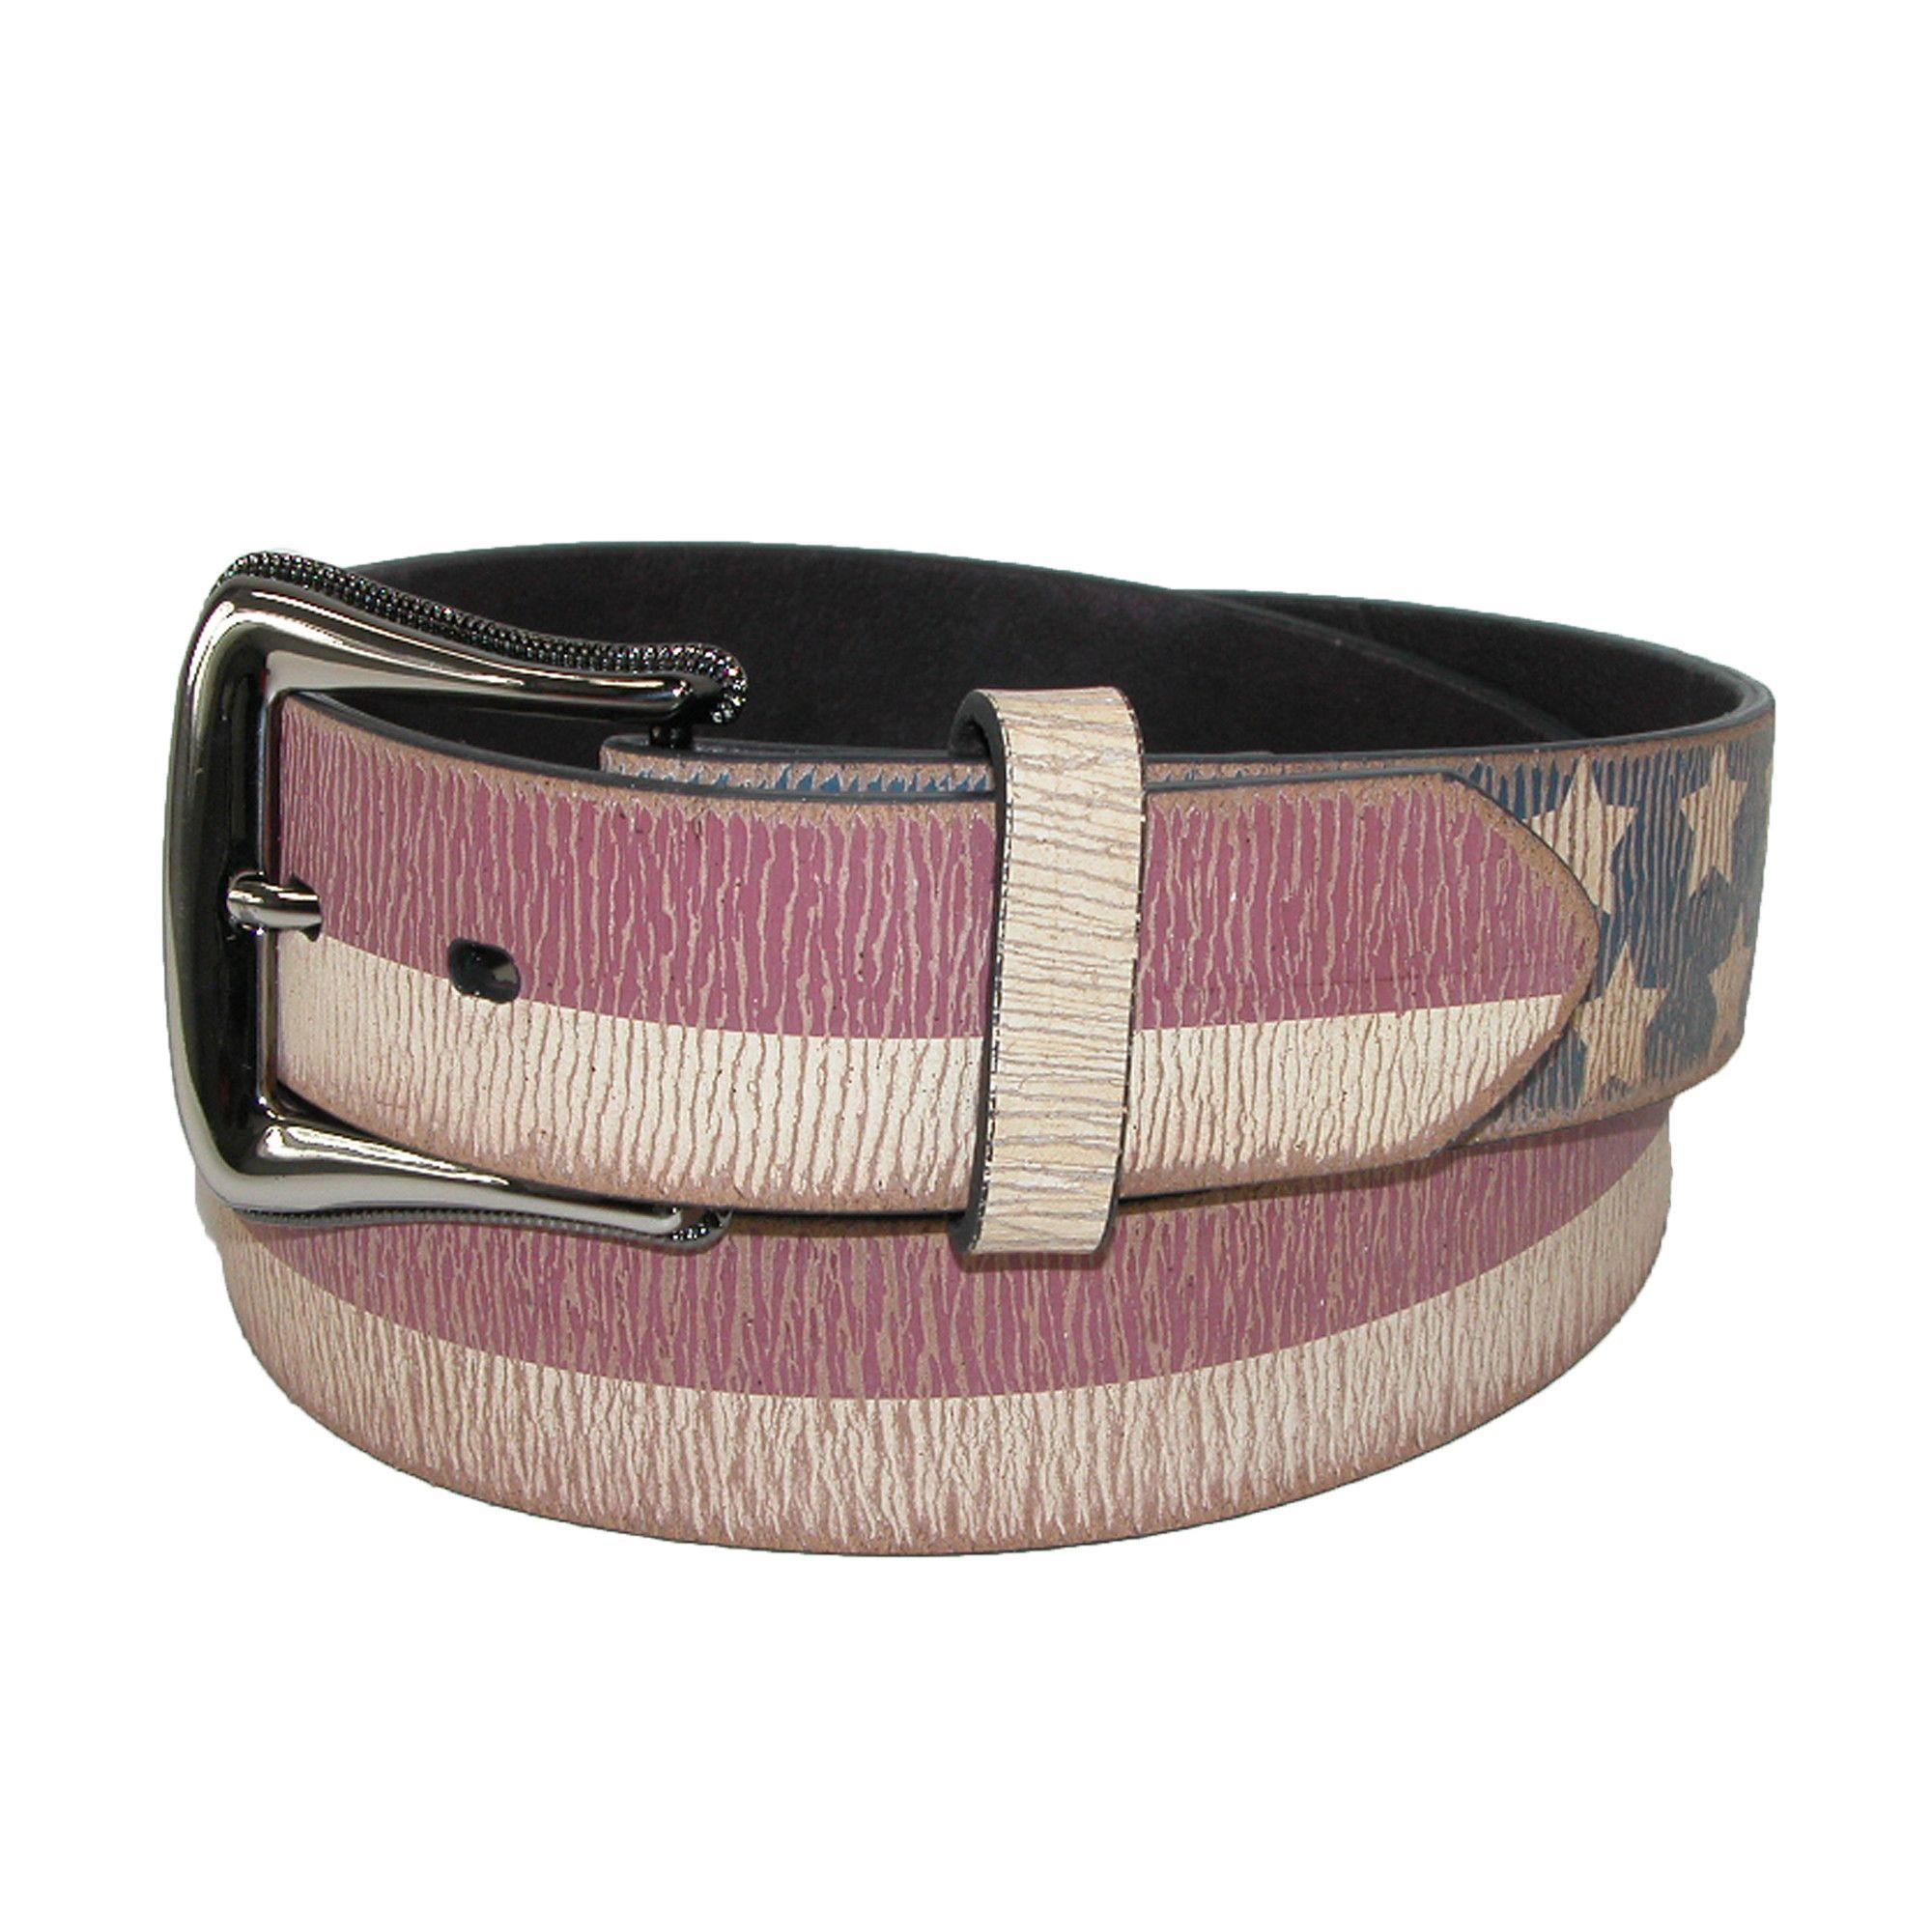 3 D Belt Company Mens Vintage Distressed Leather American Flag Belt